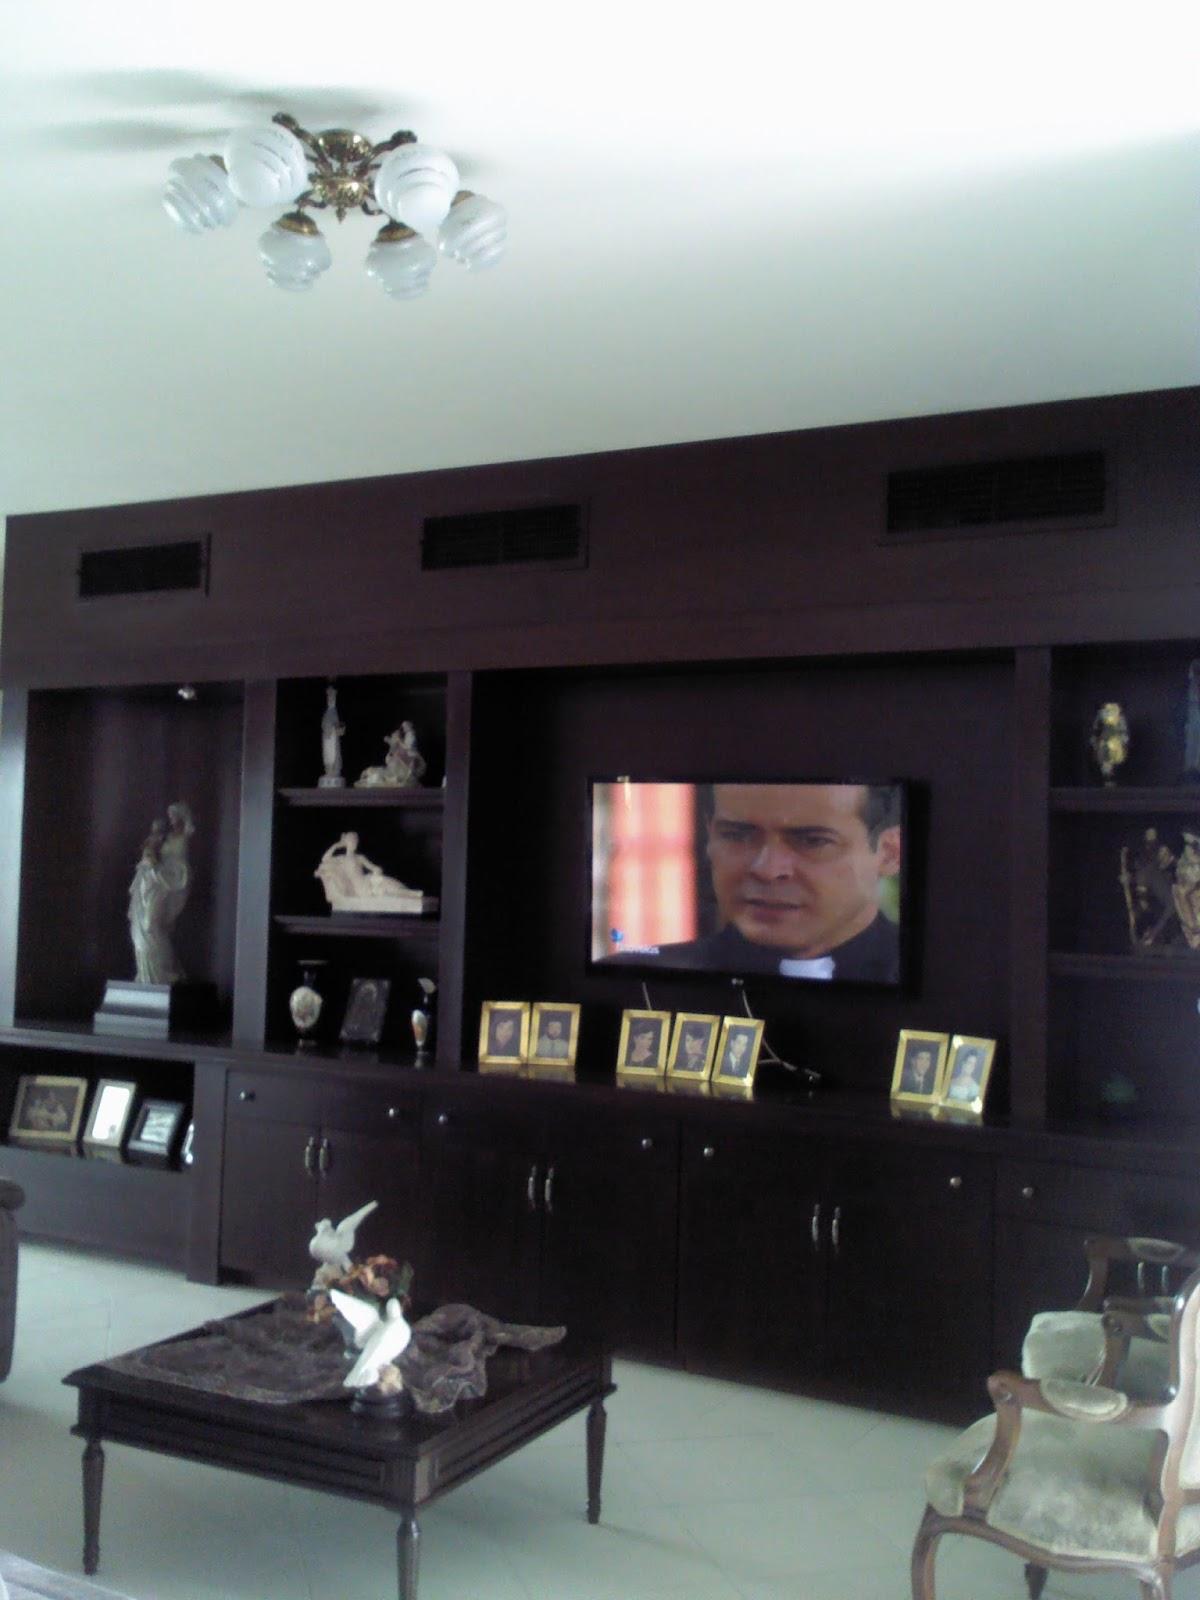 Libreros De Madera Muebles nuevos y usados en venta  - fotos de muebles de madera para tv